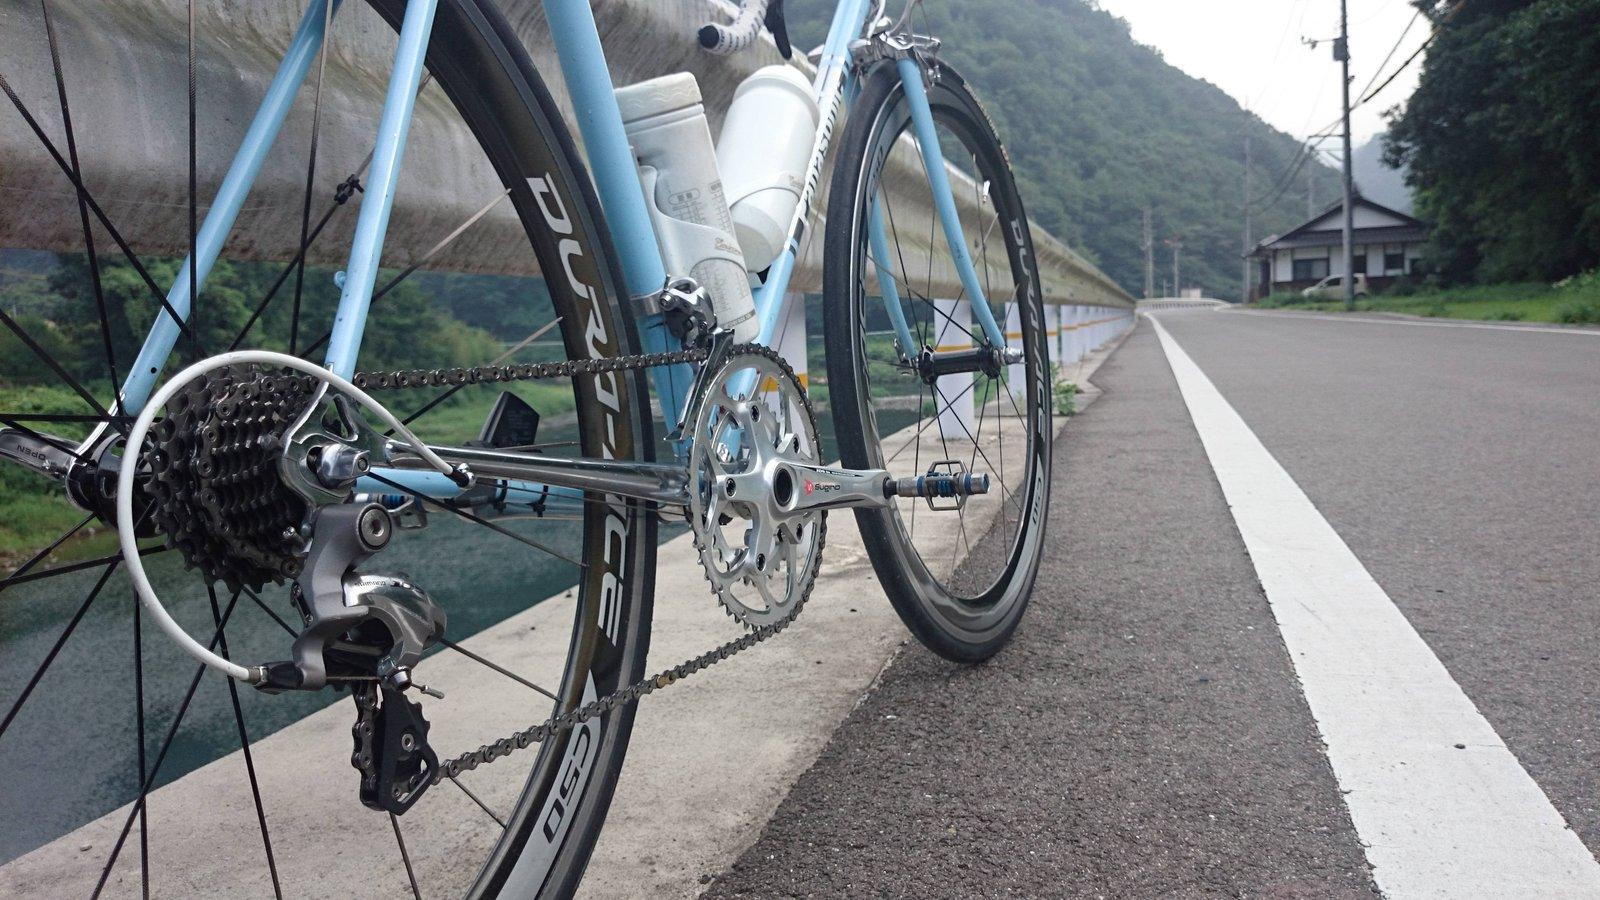 自転車の 自転車 クランク 異音 : 評価 -- 1(最低) 2 3 4 5(最高 ...